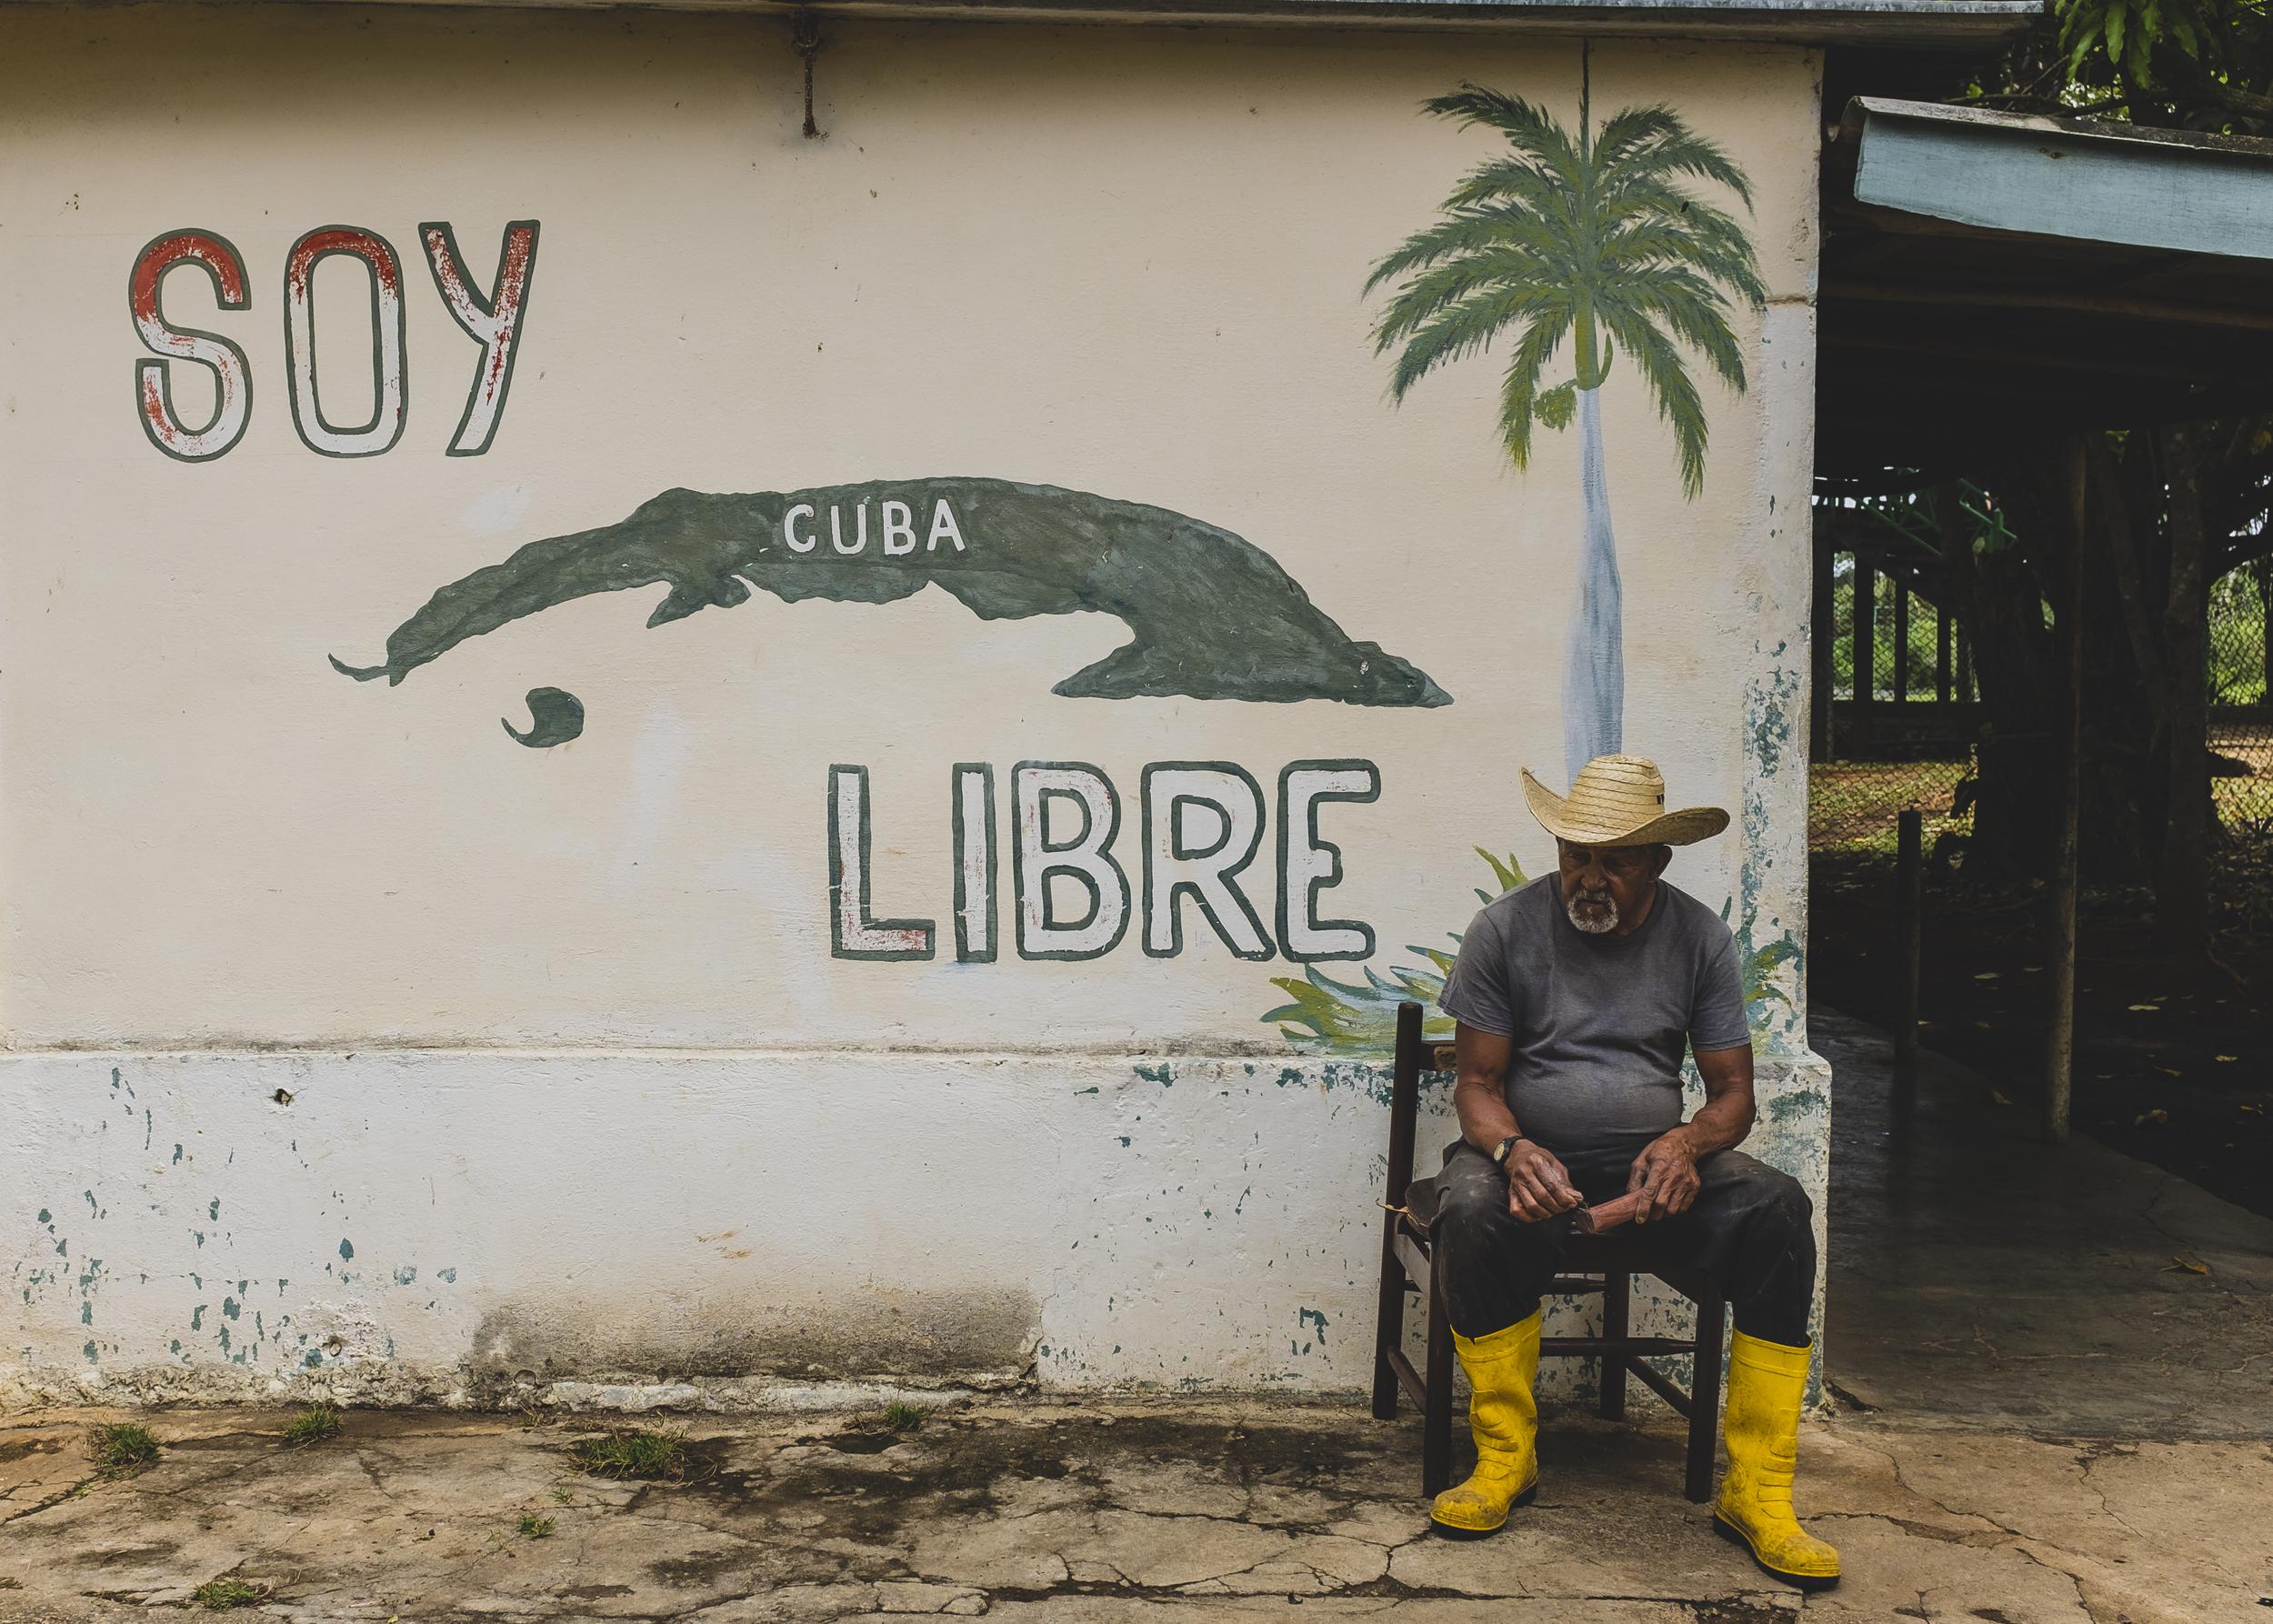 Soy (Cuba) Libre